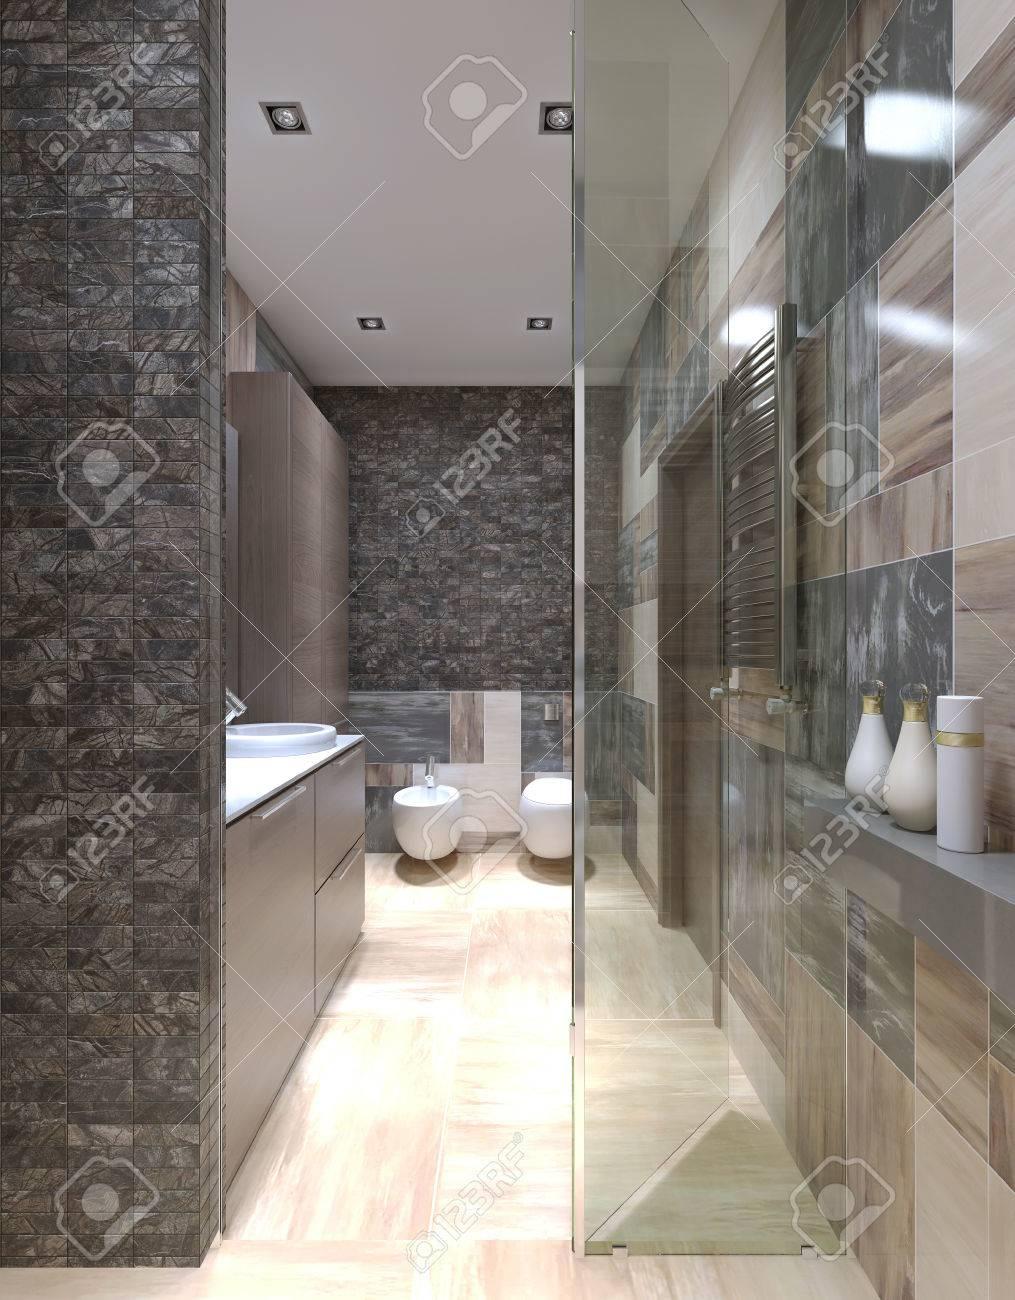 Modernes Badezimmer Design Mit Hilfe Von Kleinen Fliesen An Den Wänden,  Blick Von Der